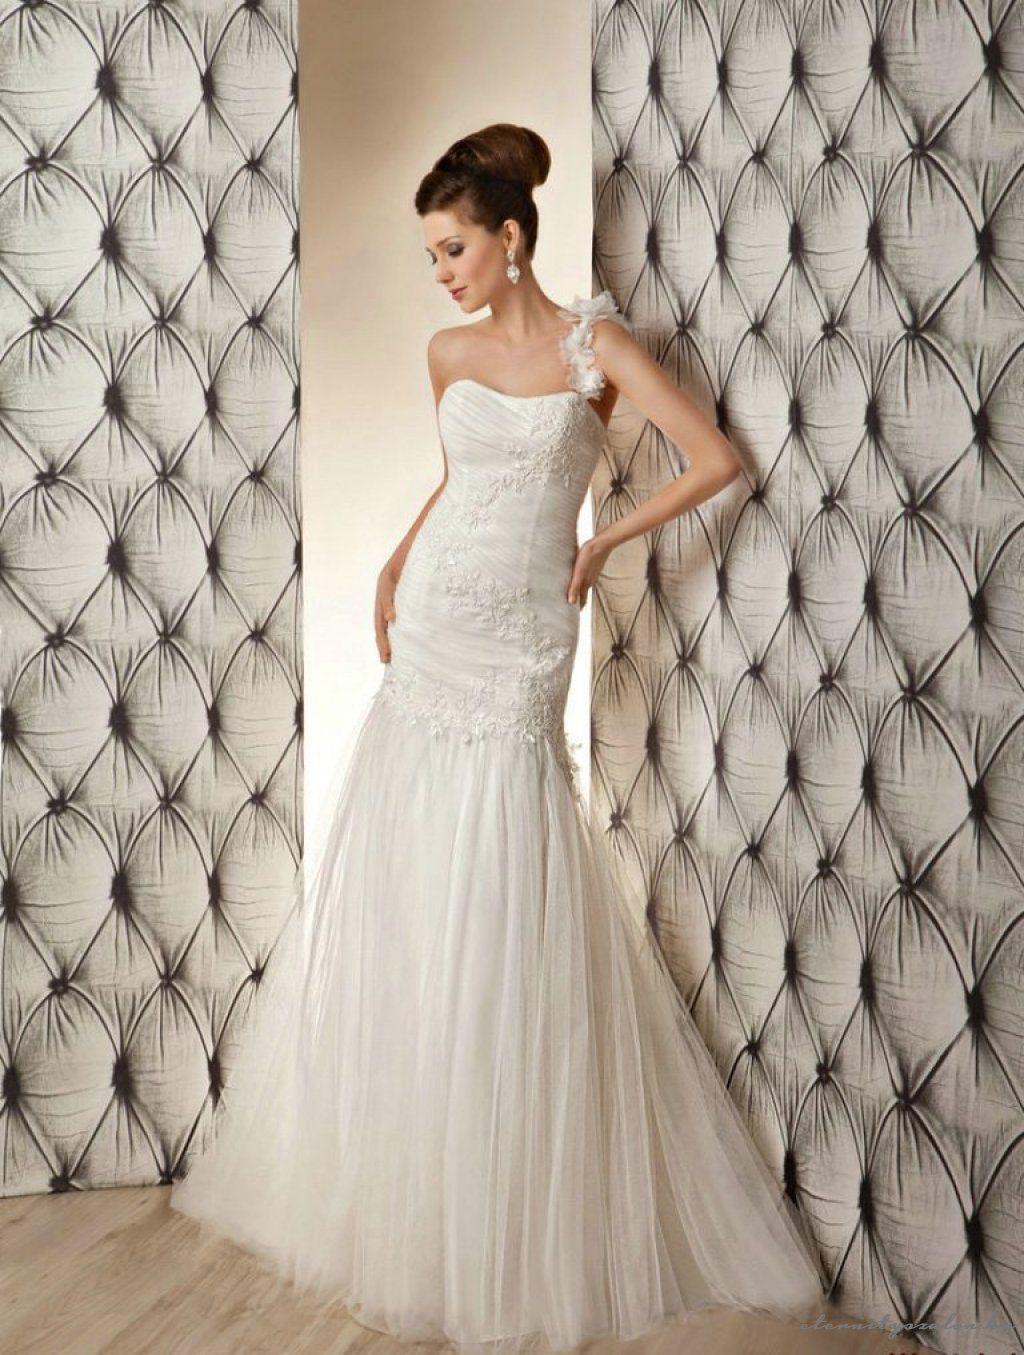 Cheap unique wedding dresses  Carmen White esküvői ruhánk  Fehér menyasszonyi ruhák  Pinterest